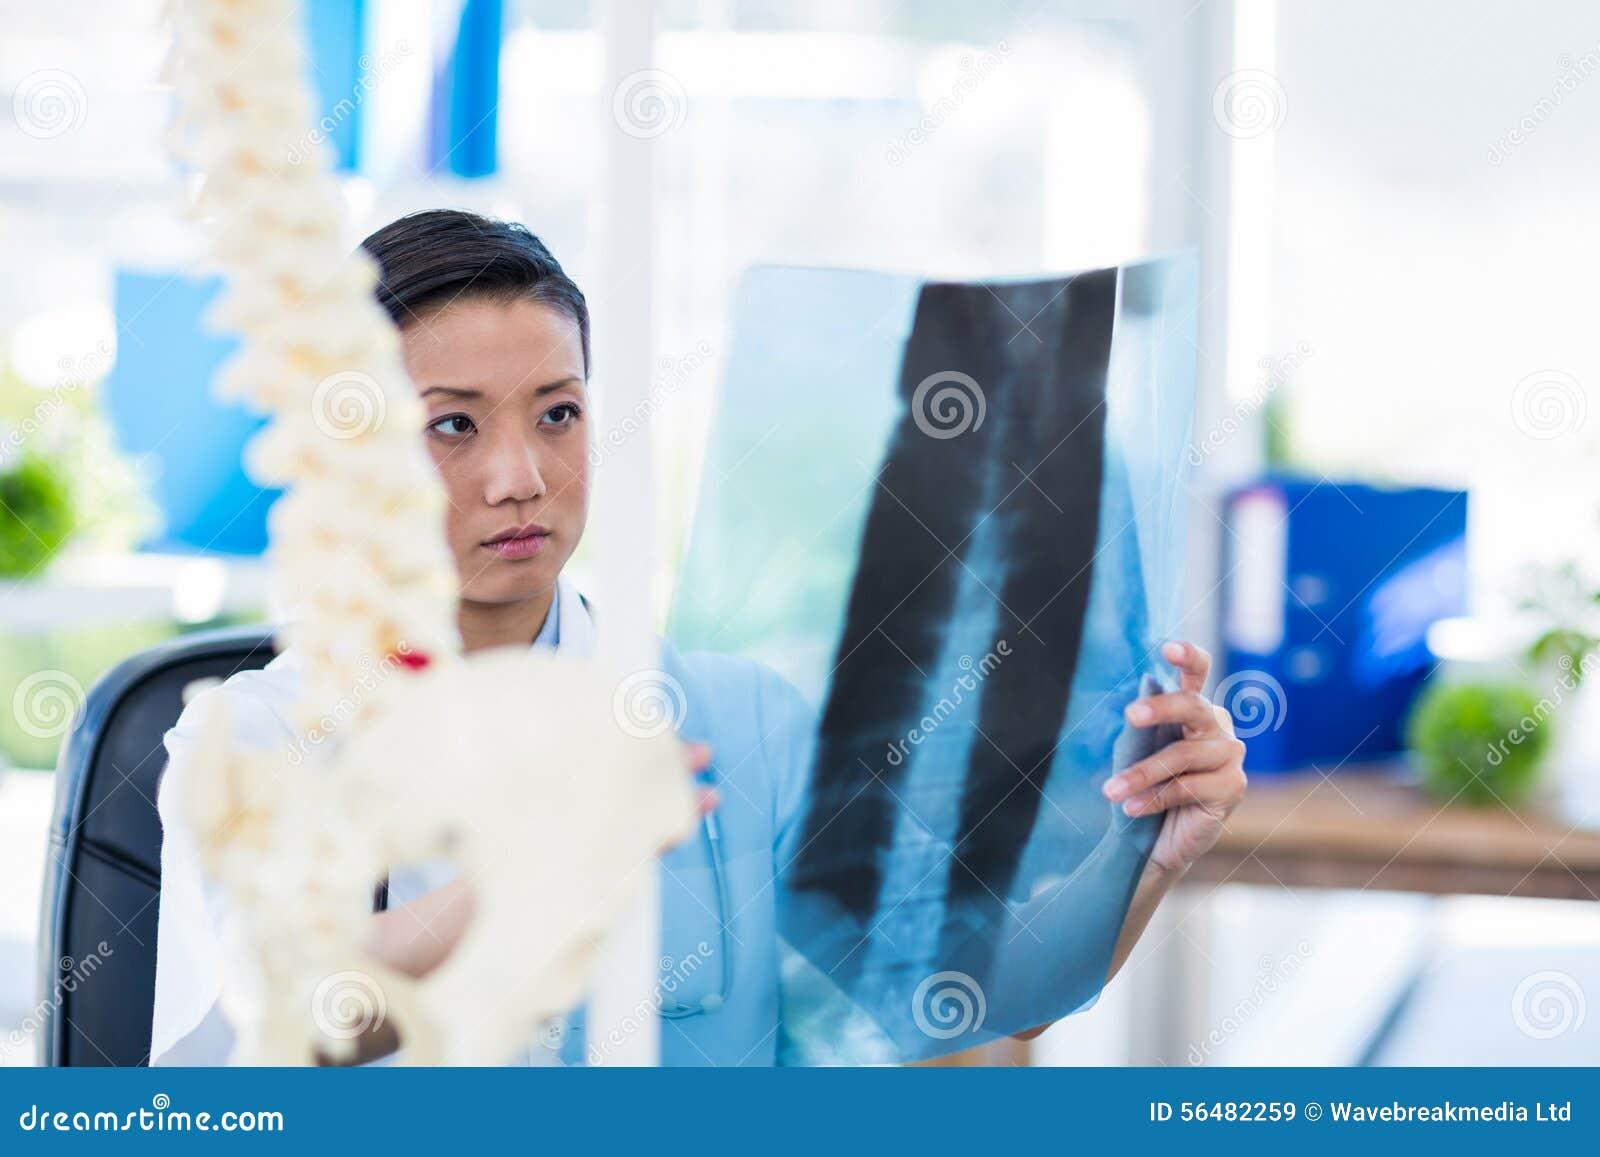 Docteur concentré analysant des rayons X